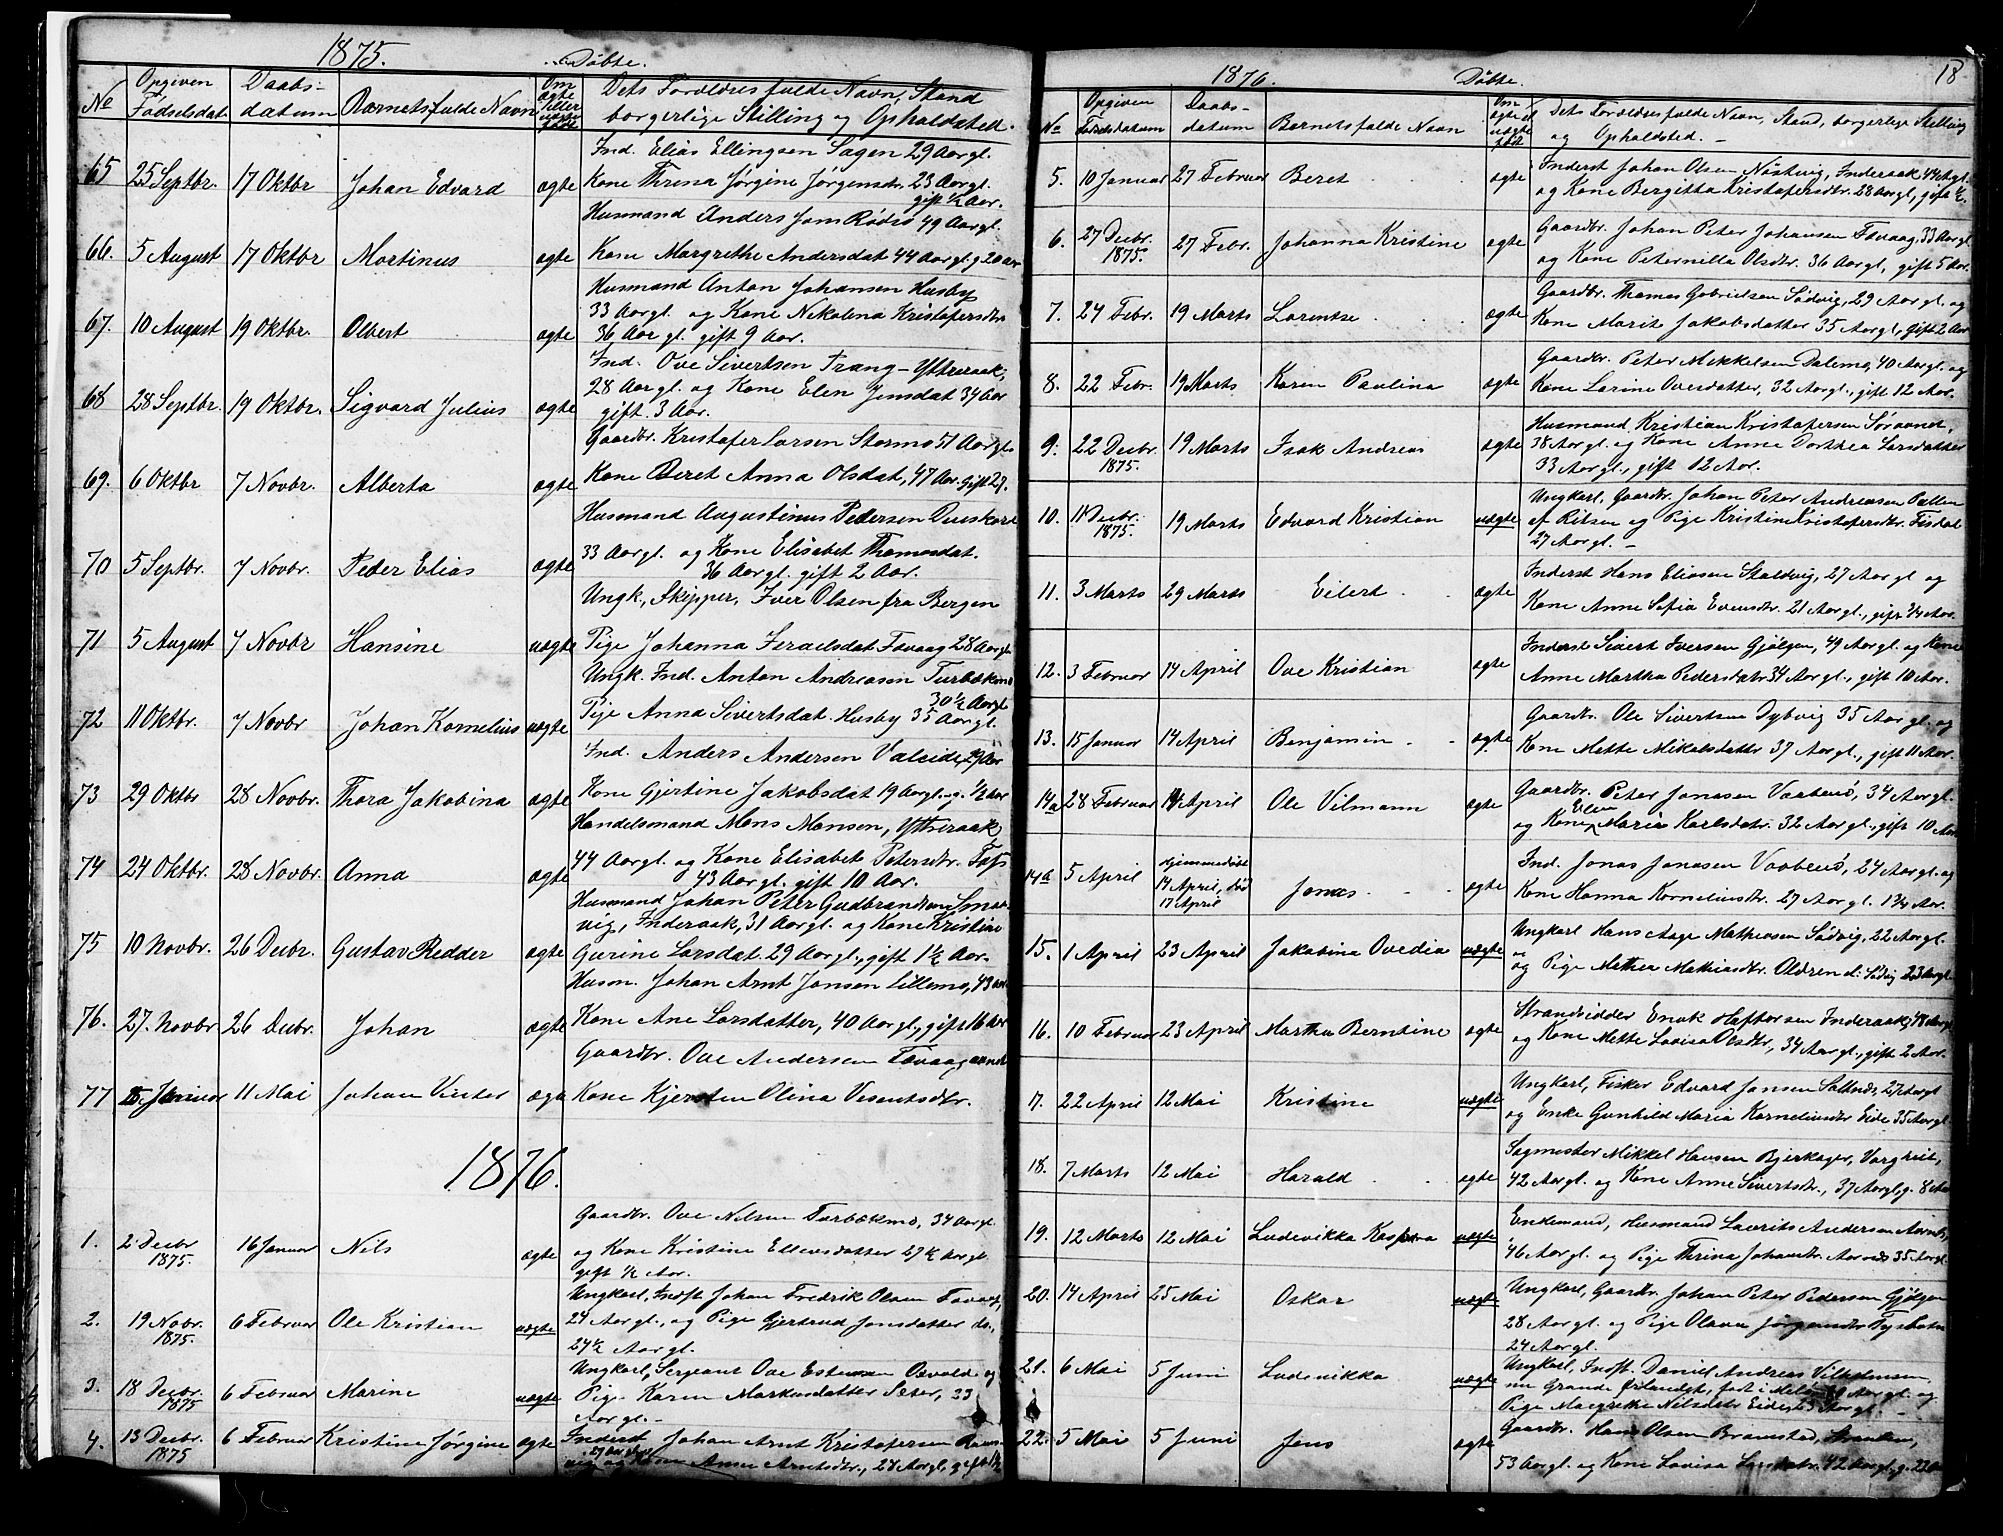 SAT, Ministerialprotokoller, klokkerbøker og fødselsregistre - Sør-Trøndelag, 653/L0657: Klokkerbok nr. 653C01, 1866-1893, s. 18